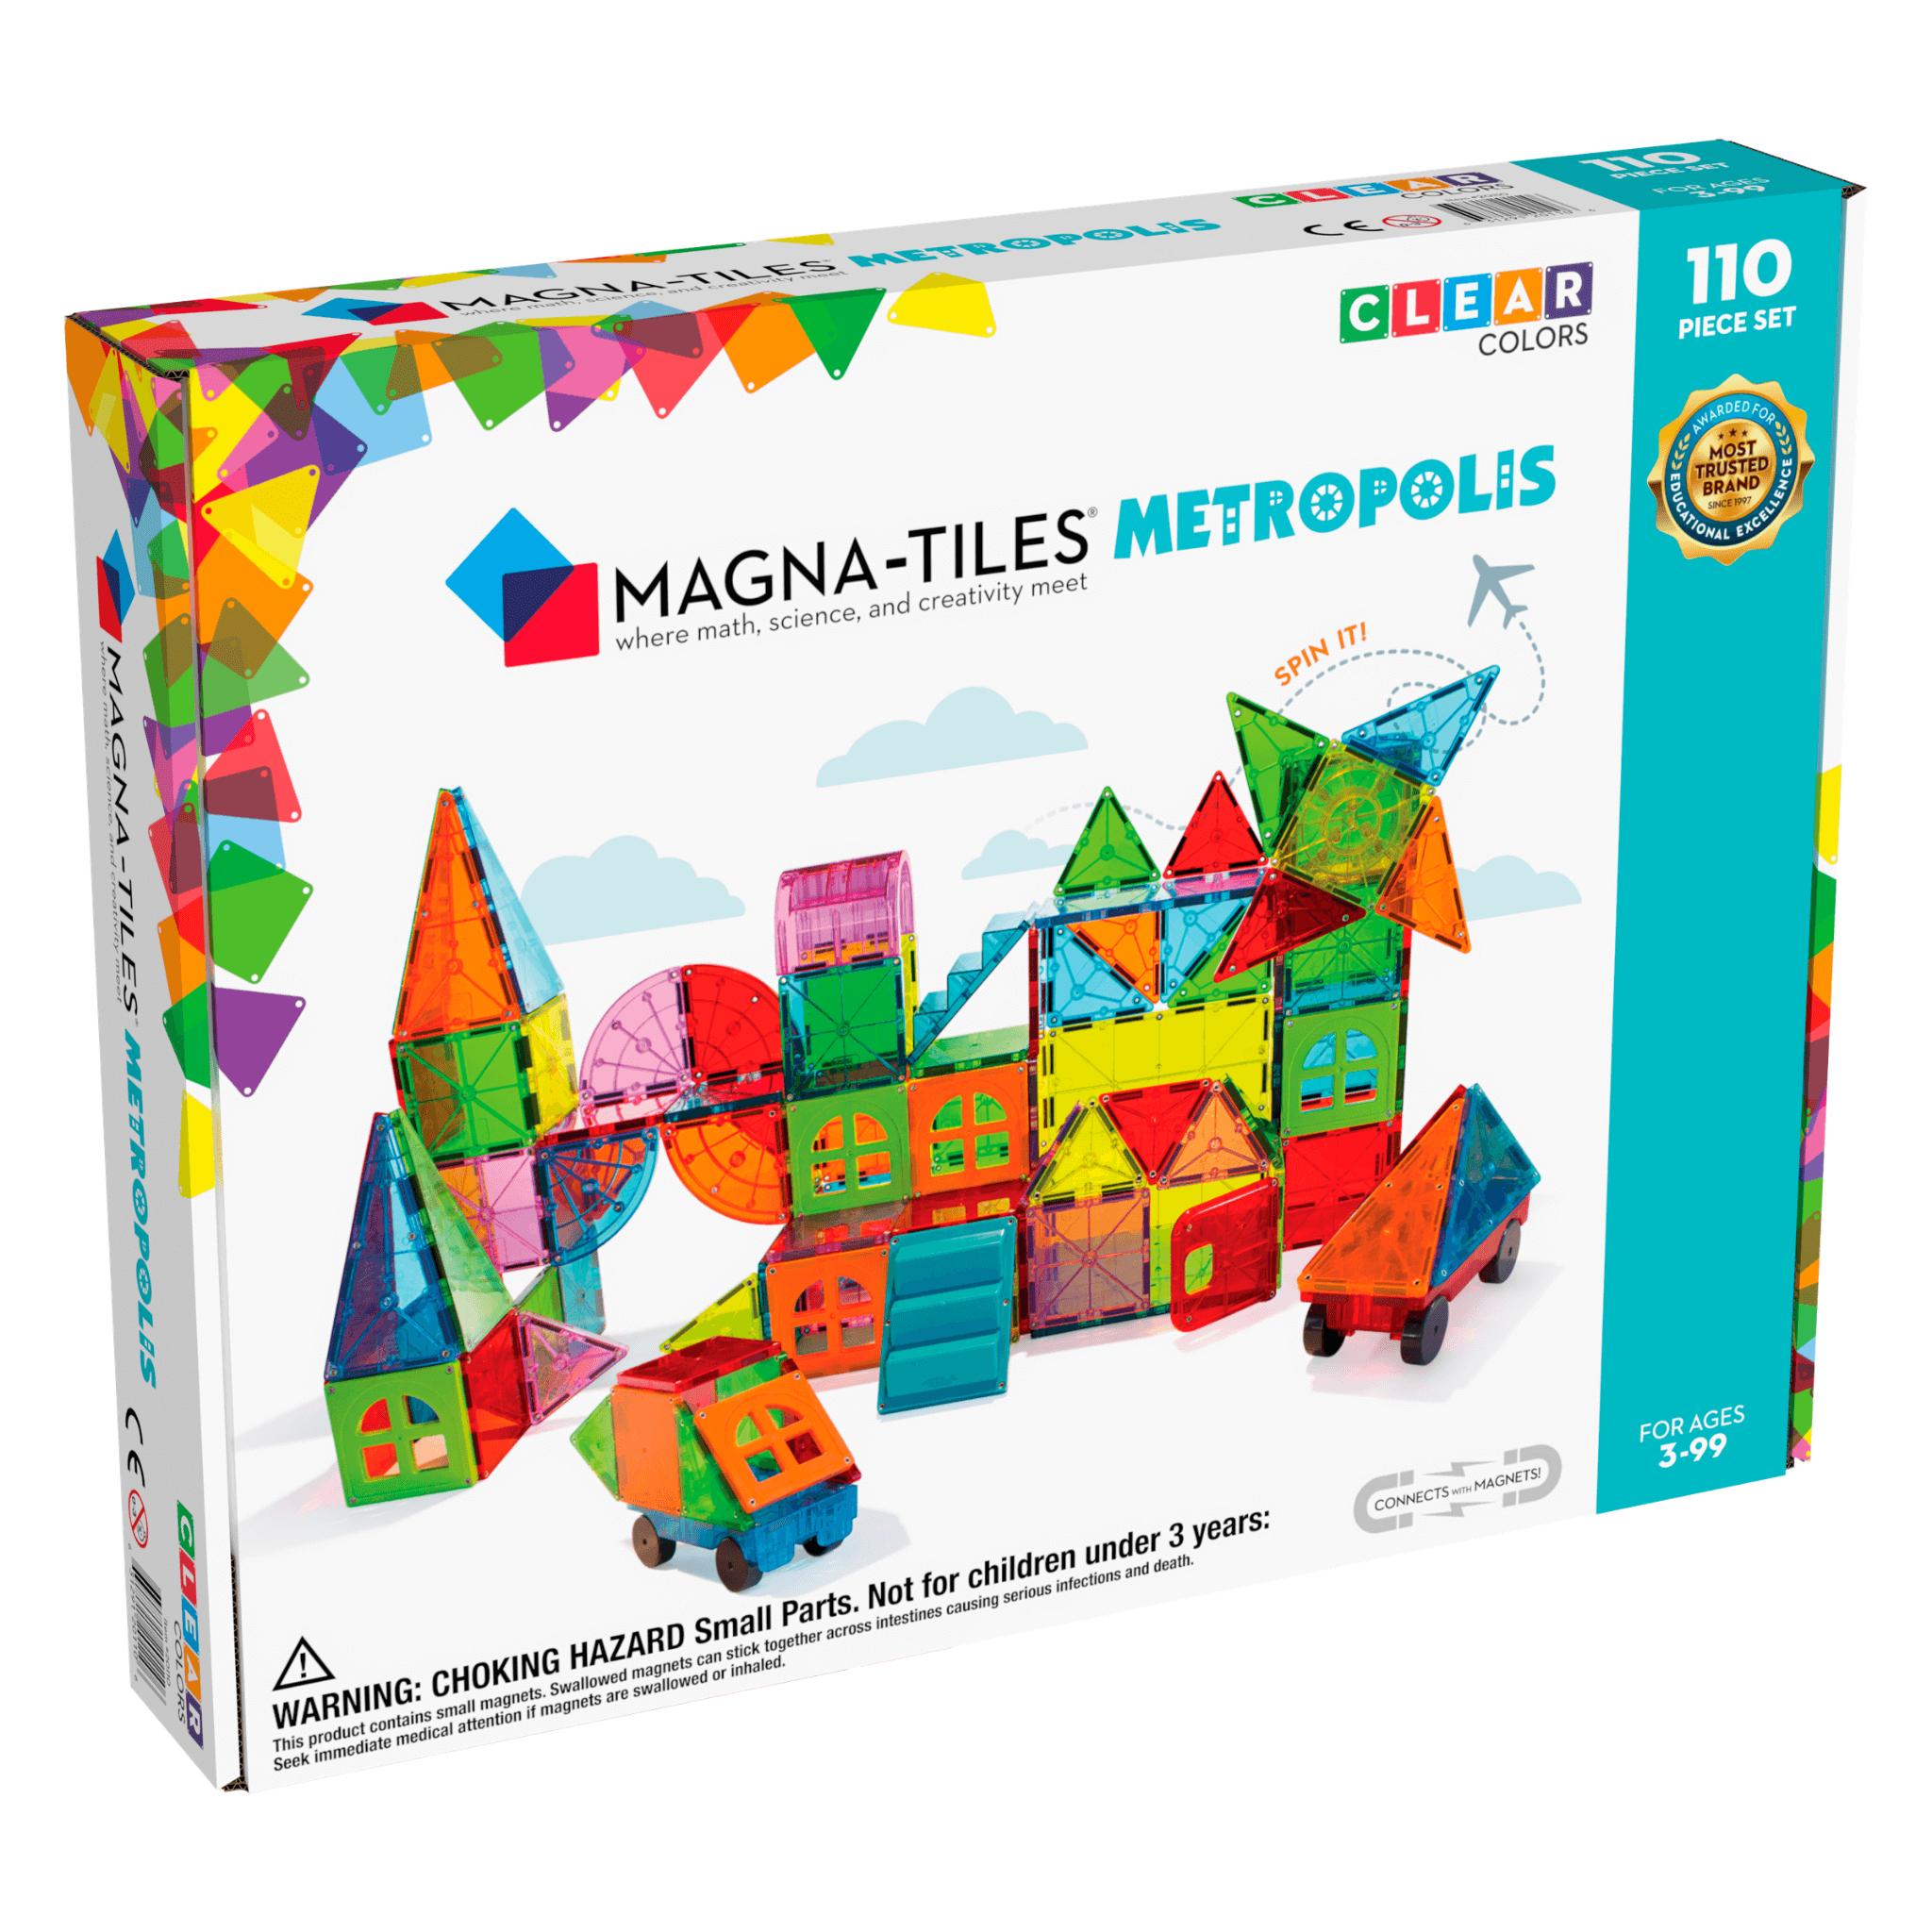 Magna-Tiles Magna-Tiles Metropolis 110 dlg